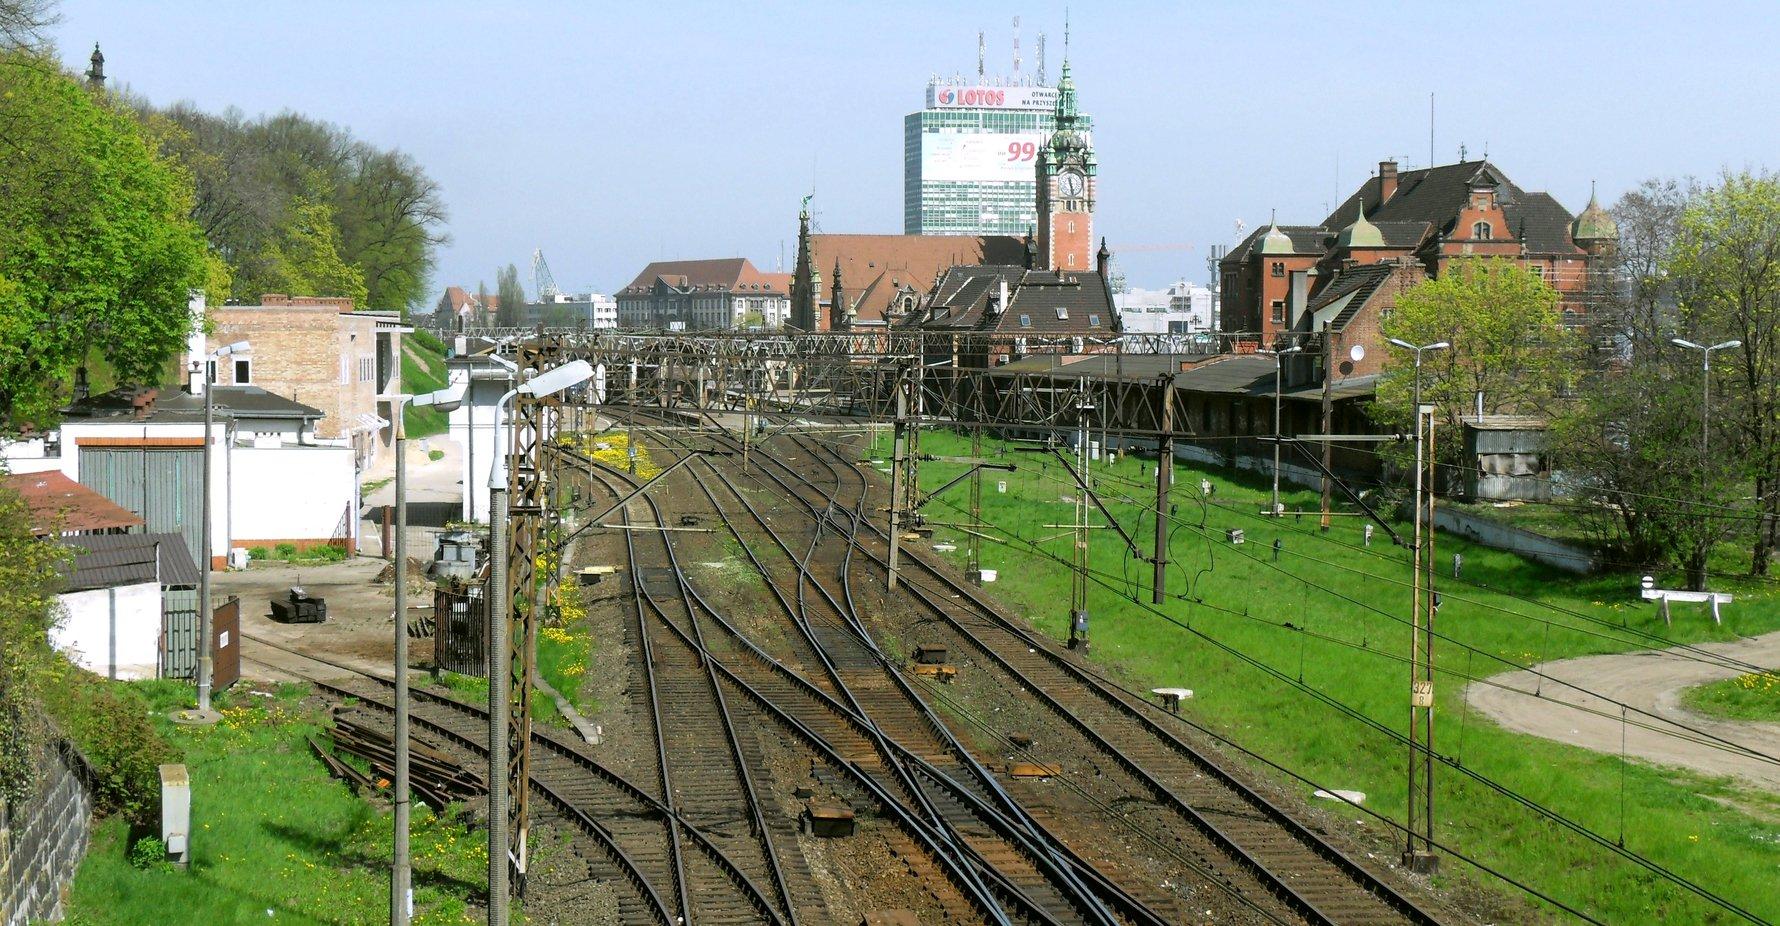 Gdańsk Główny Train Tracks